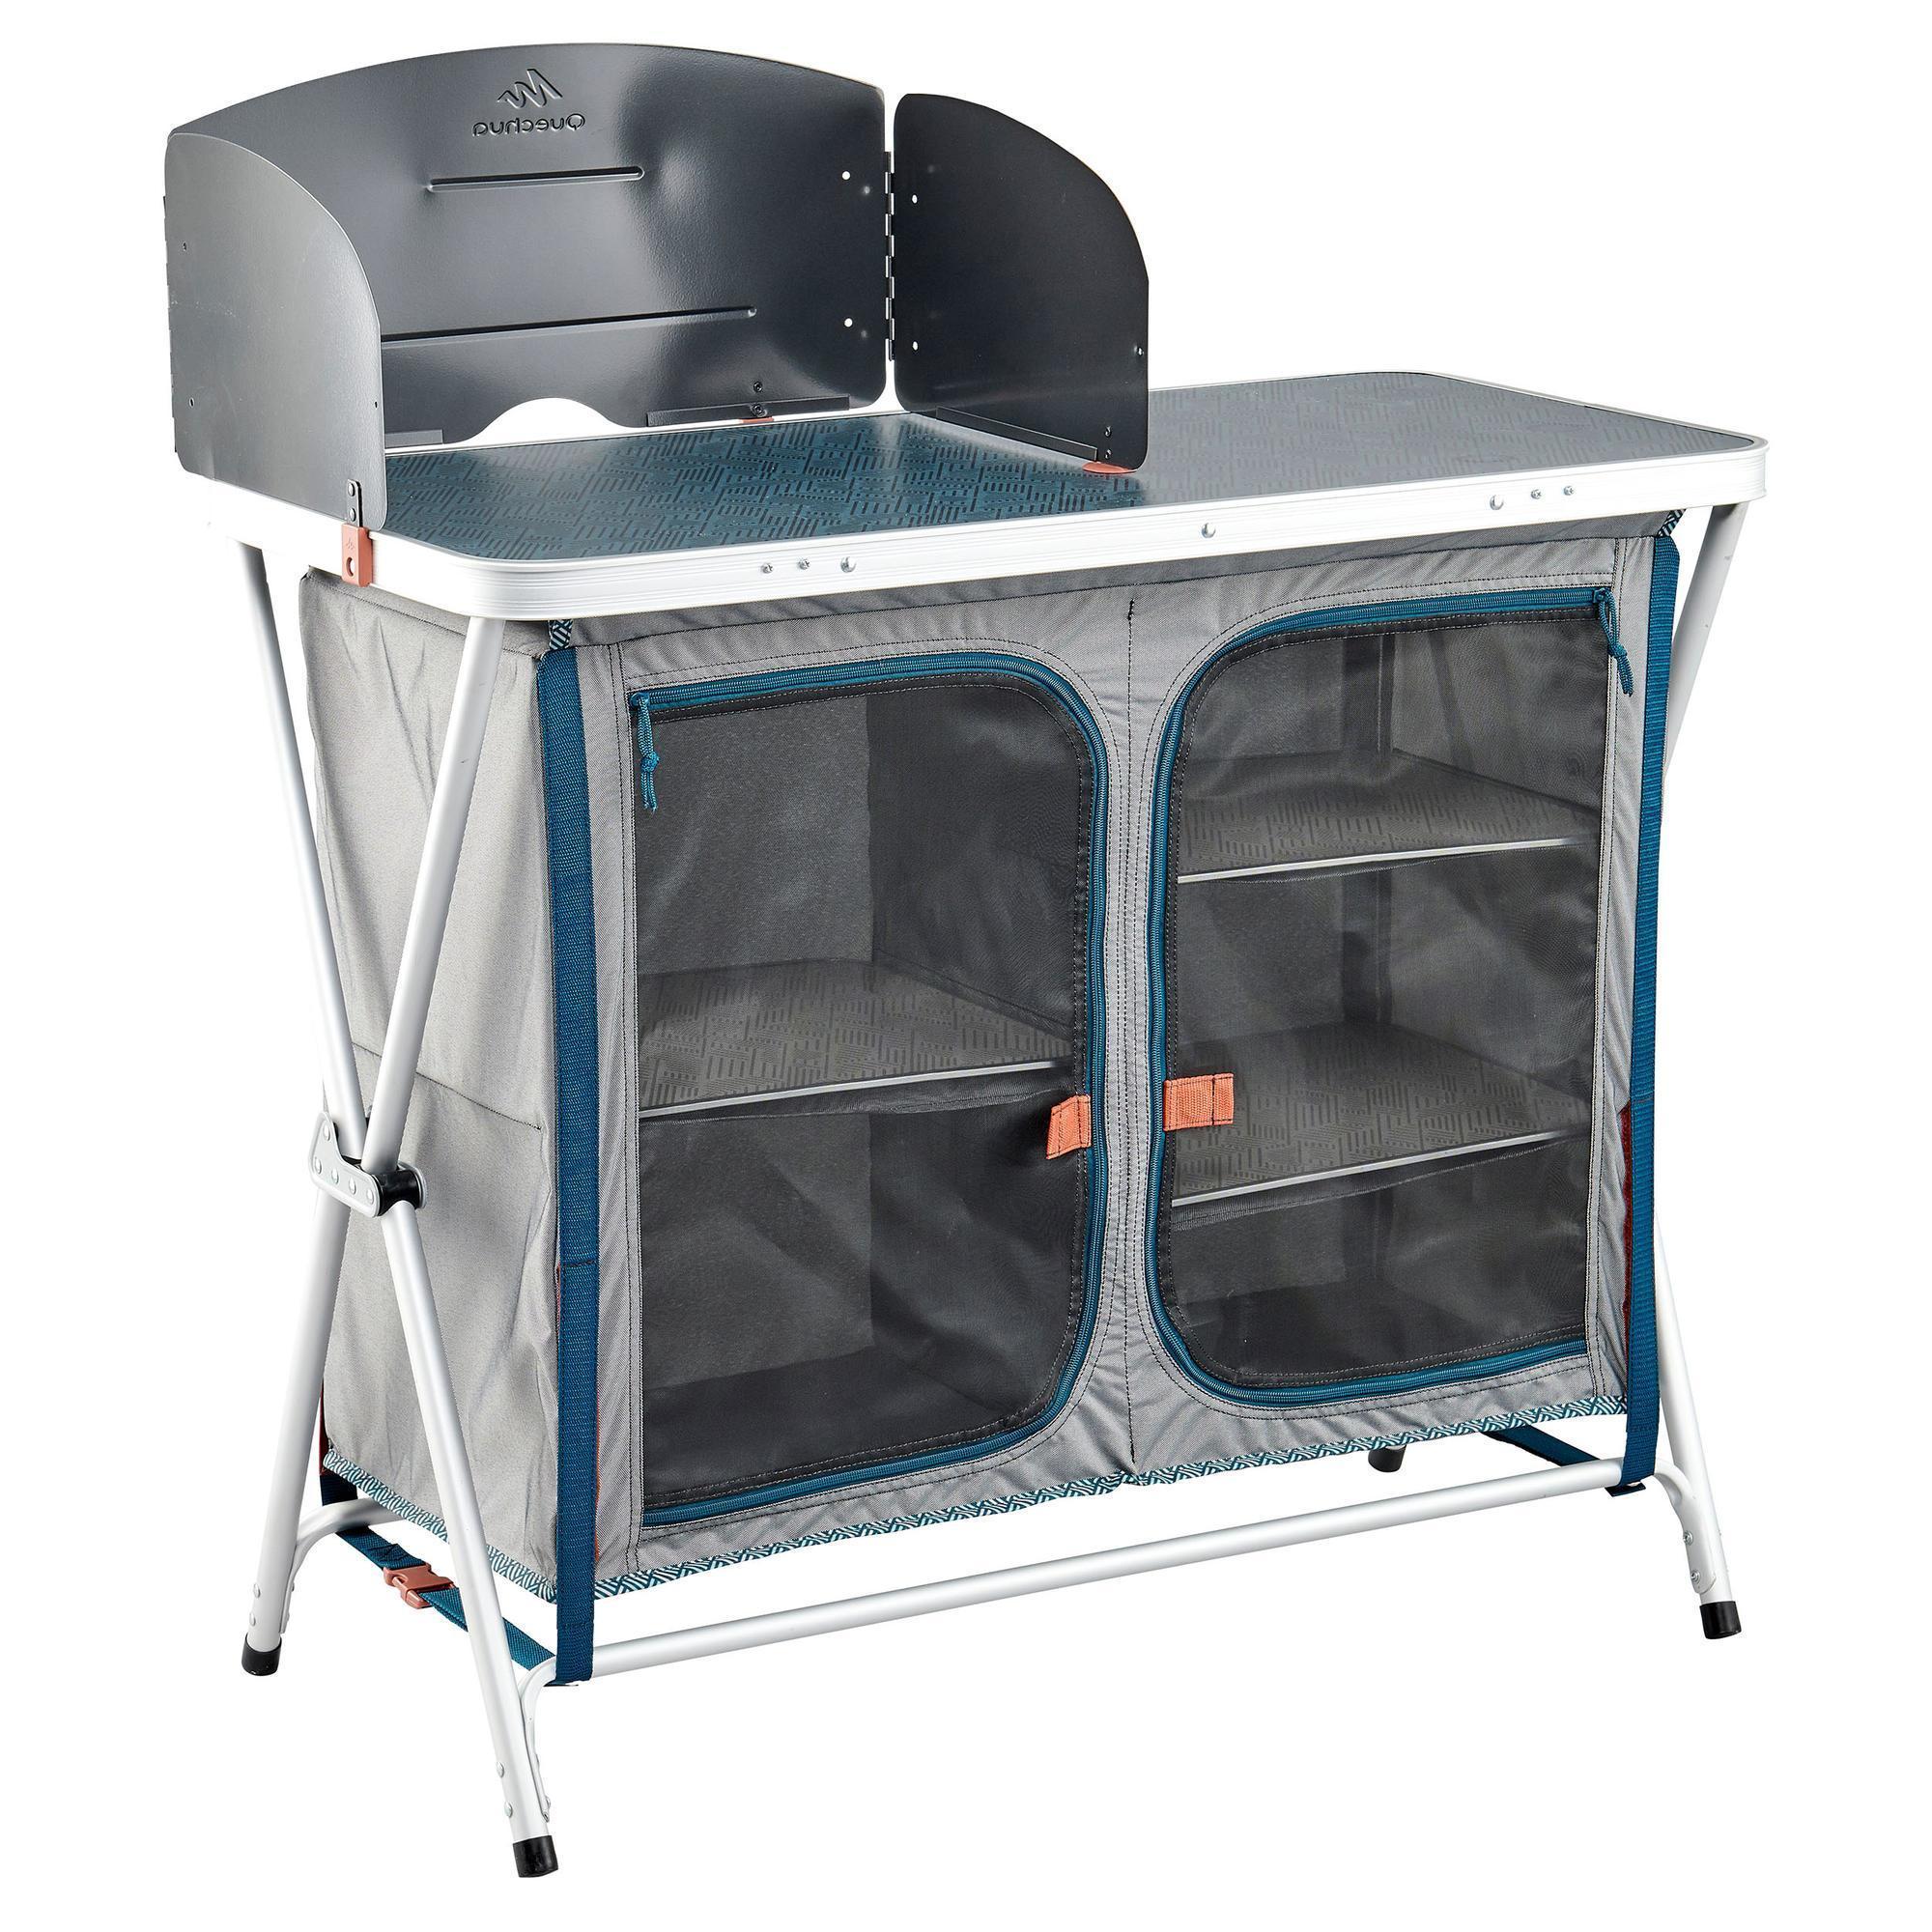 Meuble De Cuisine Decathlon meuble de cuisine pliant et confortable pour le camping